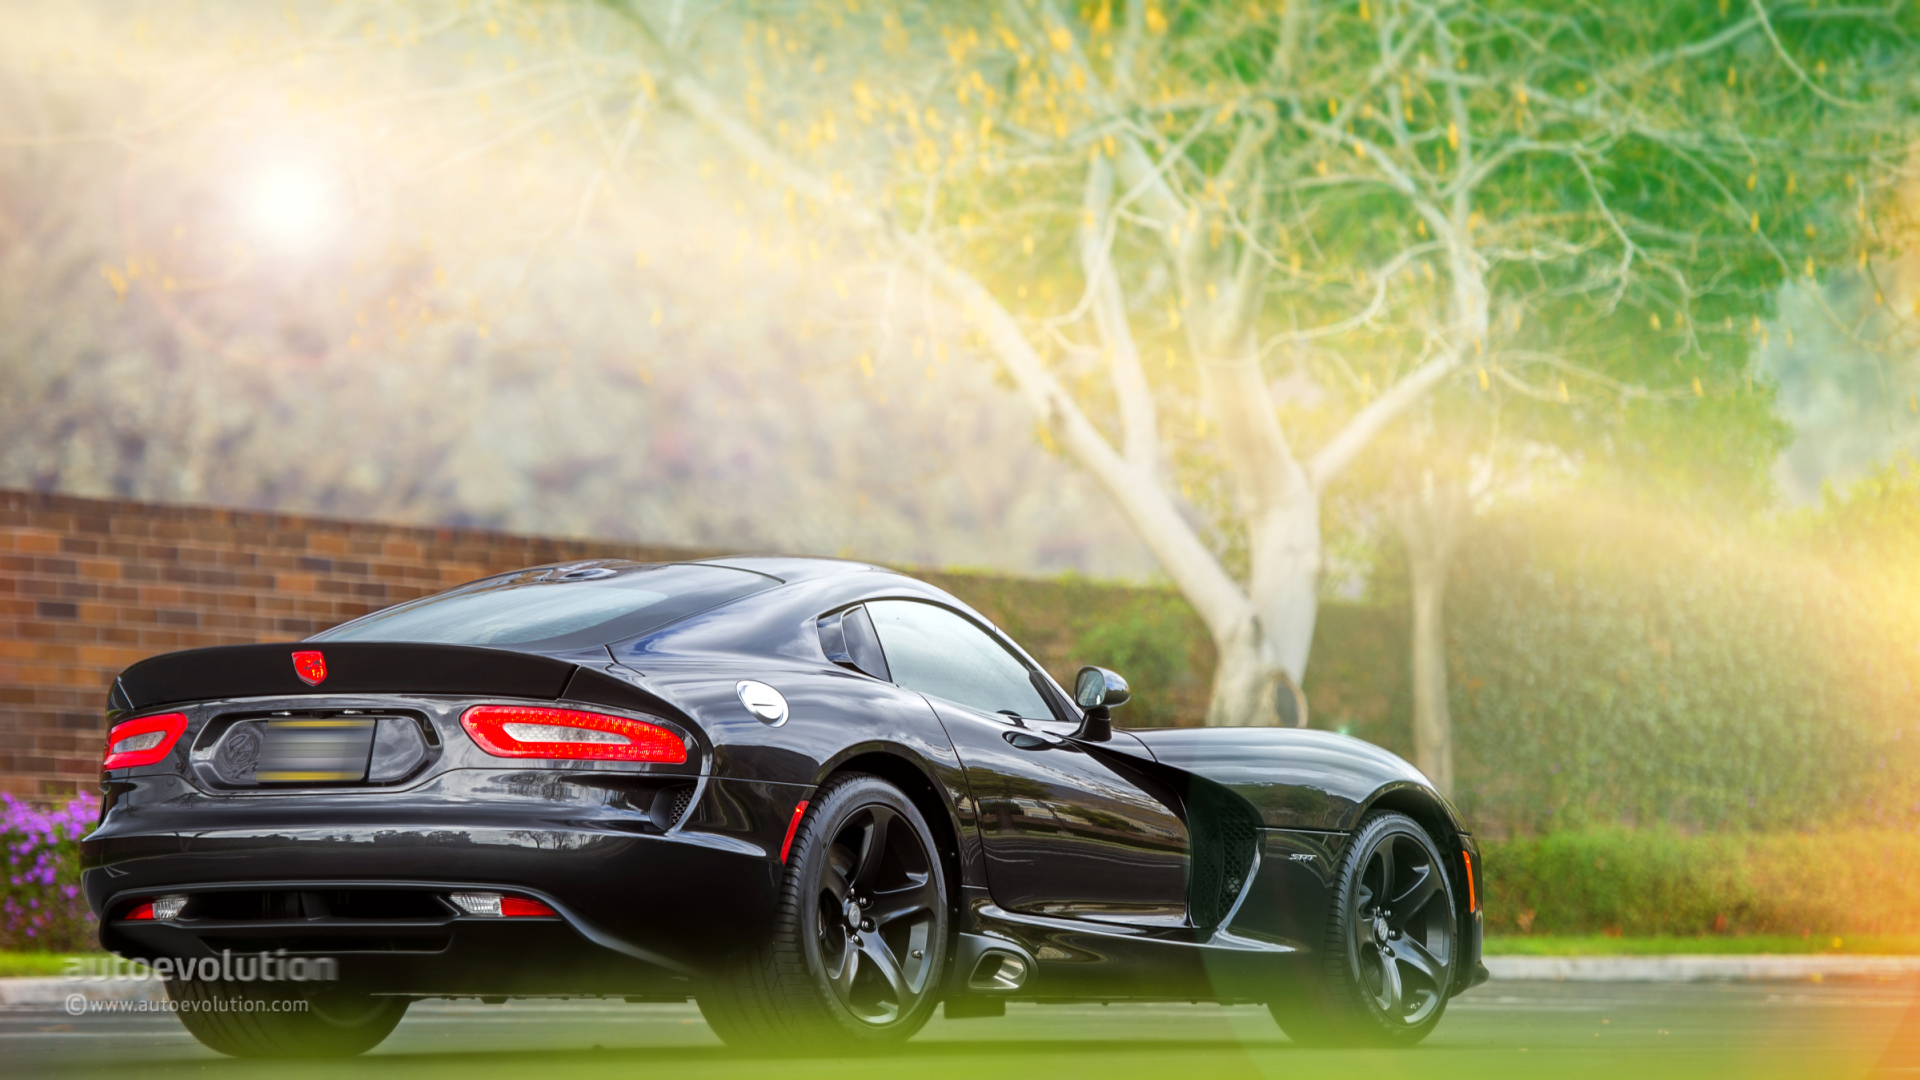 2014 Srt Viper Review Autoevolution